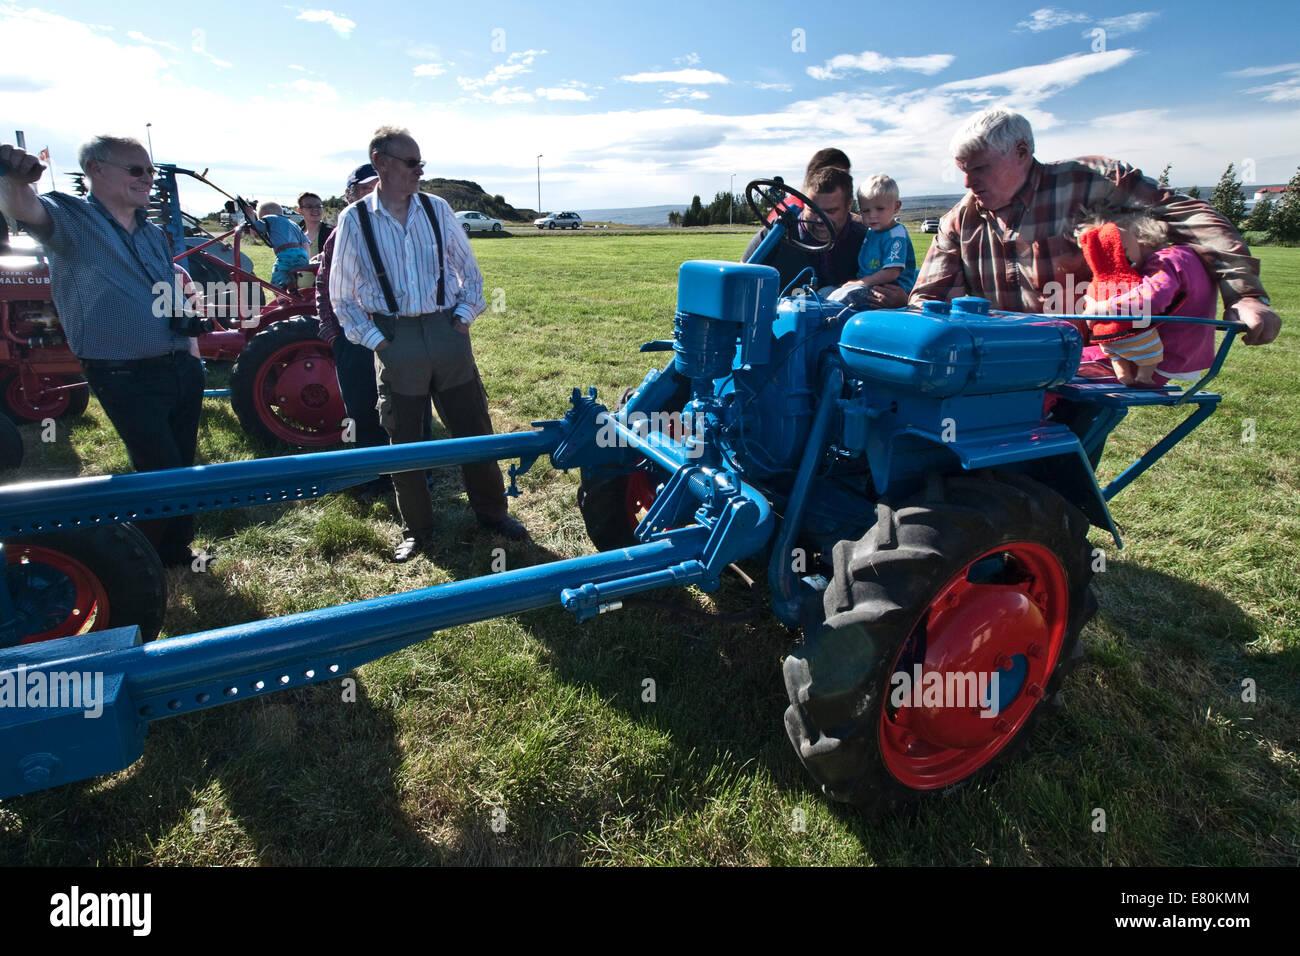 Feria agropecuaria en Egilsstadir Islandia Foto de stock